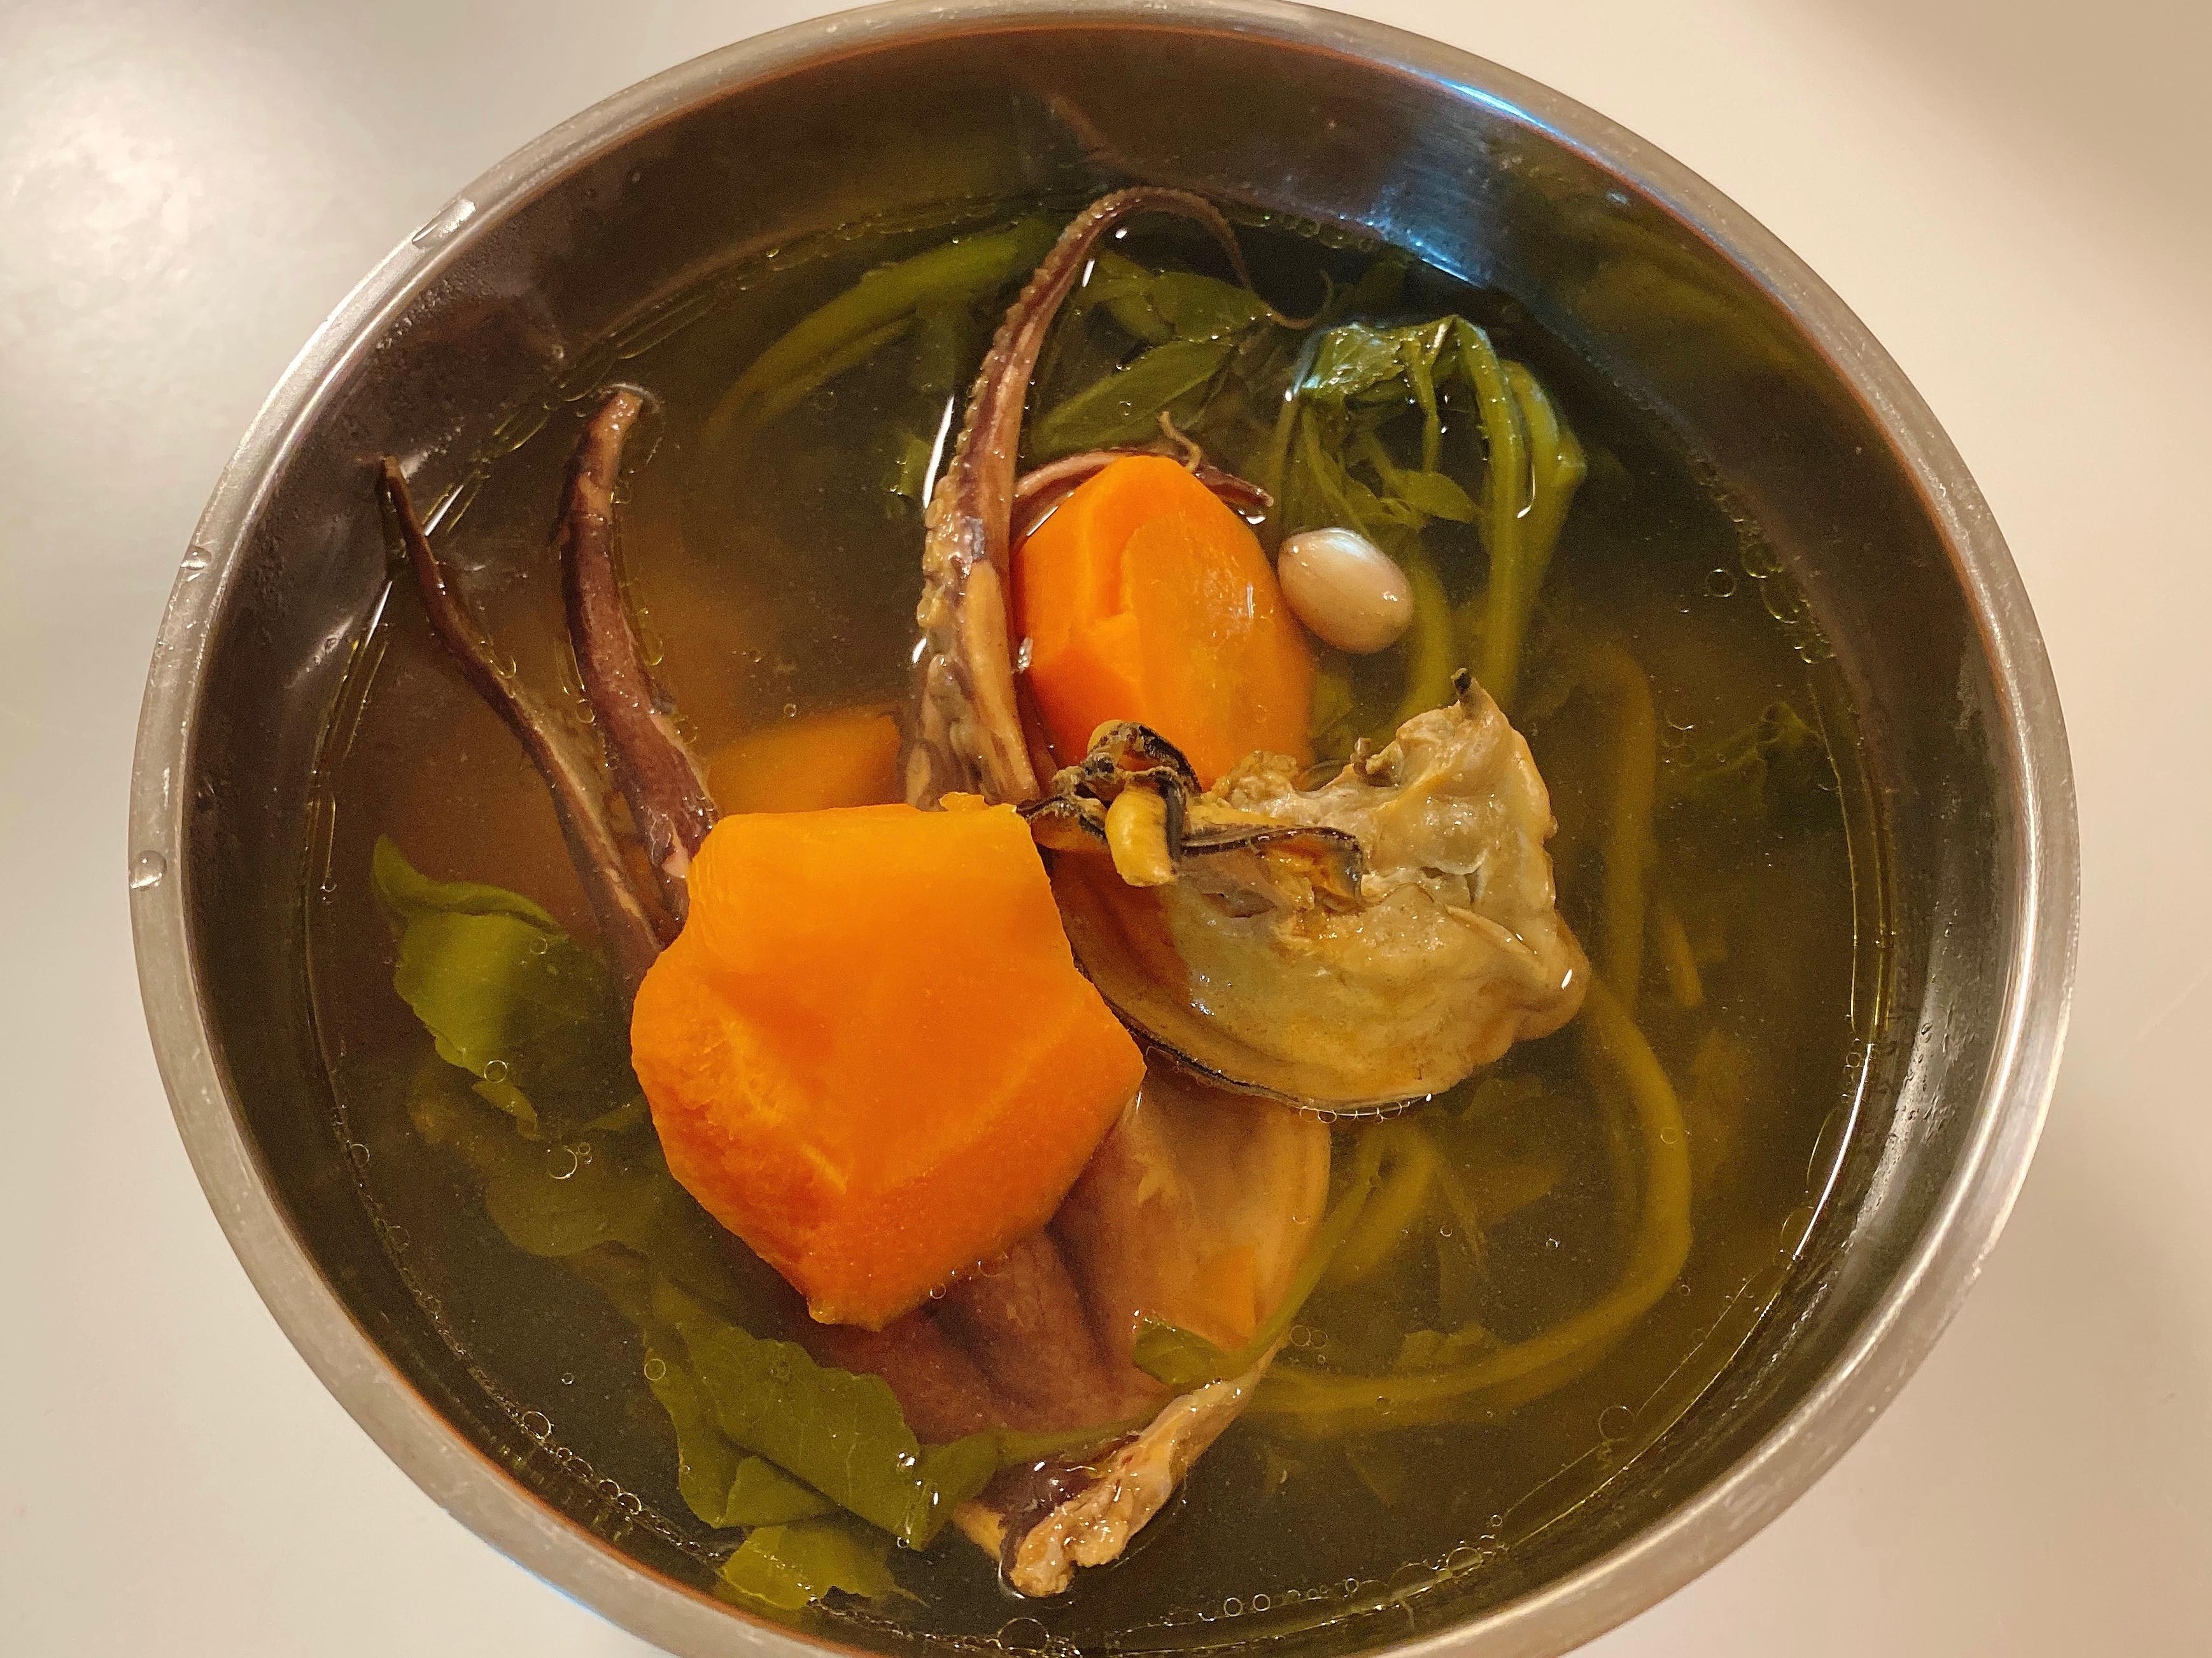 西洋菜章魚蠔豉花生陳腎雞湯